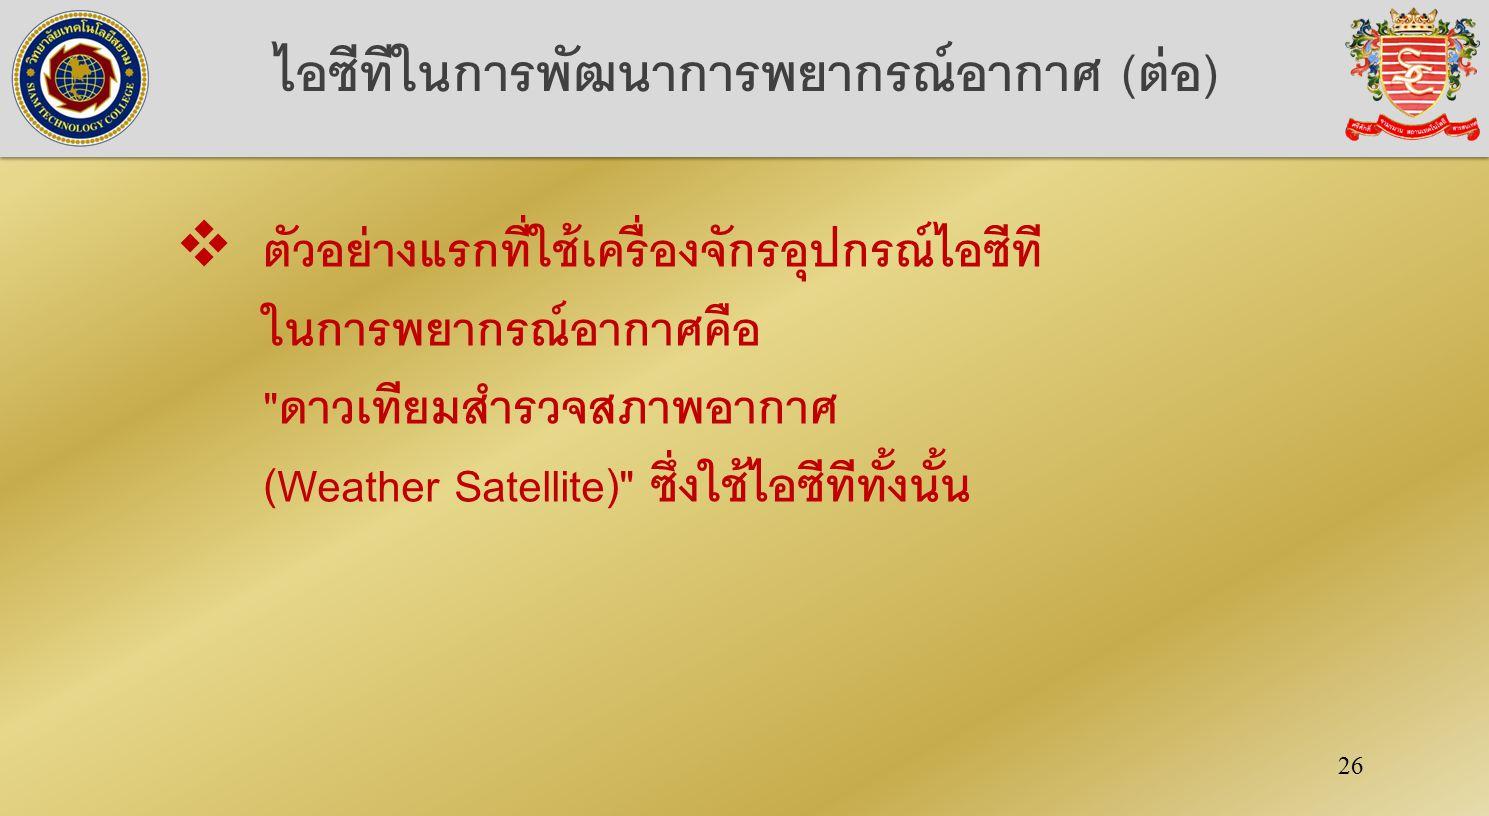 26 ไอซีทีในการพัฒนาการพยากรณ์อากาศ (ต่อ)  ตัวอย่างแรกที่ใช้เครื่องจักรอุปกรณ์ไอซีที ในการพยากรณ์อากาศคือ ดาวเทียมสำรวจสภาพอากาศ (Weather Satellite) ซึ่งใช้ไอซีทีทั้งนั้น